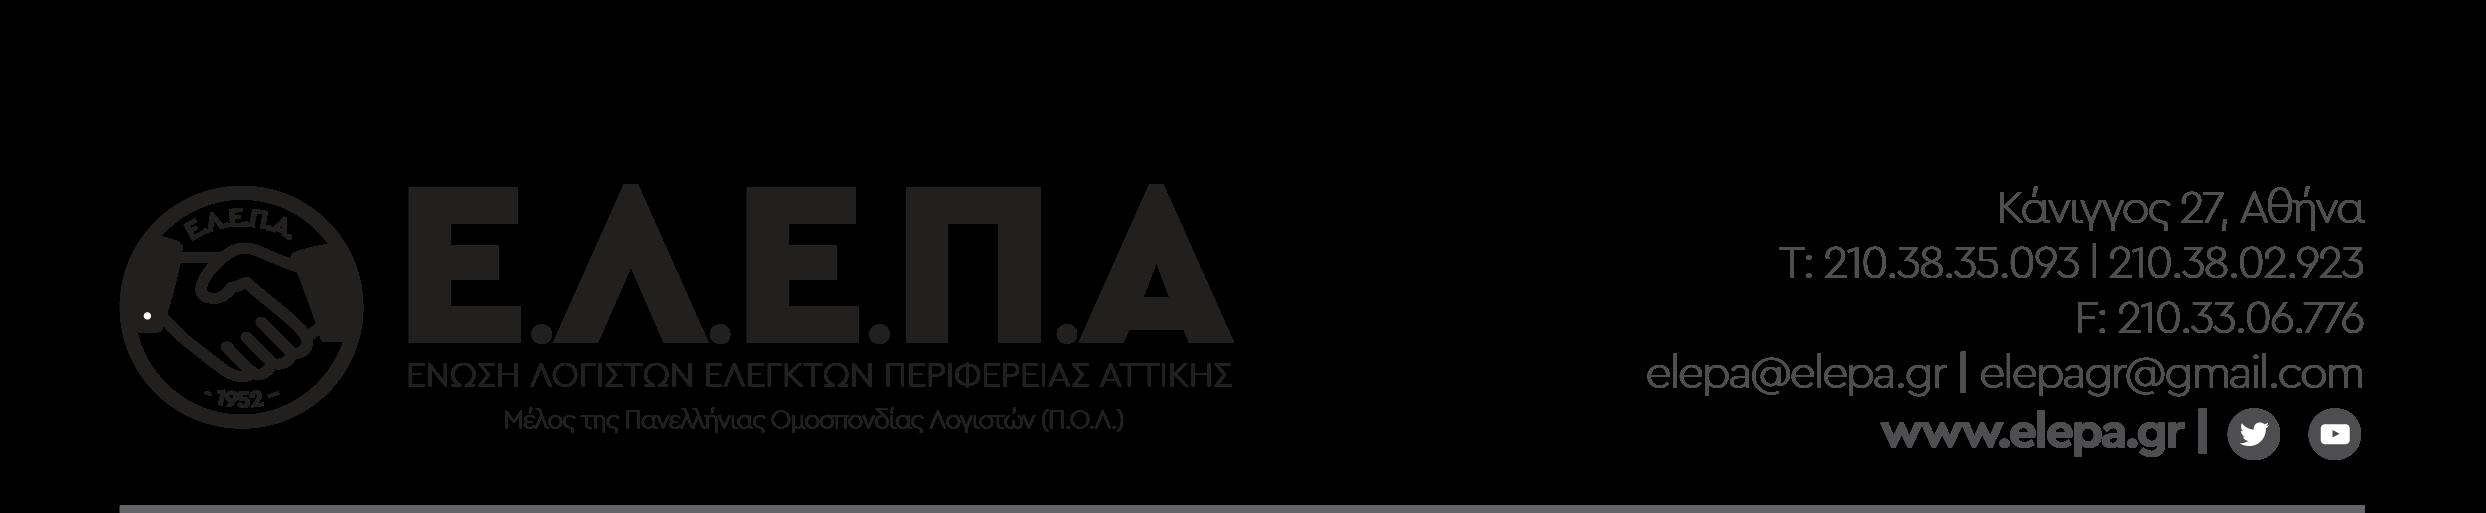 Ένωση Λογιστών Ελεγκτών Περιφέρειας Αττικής